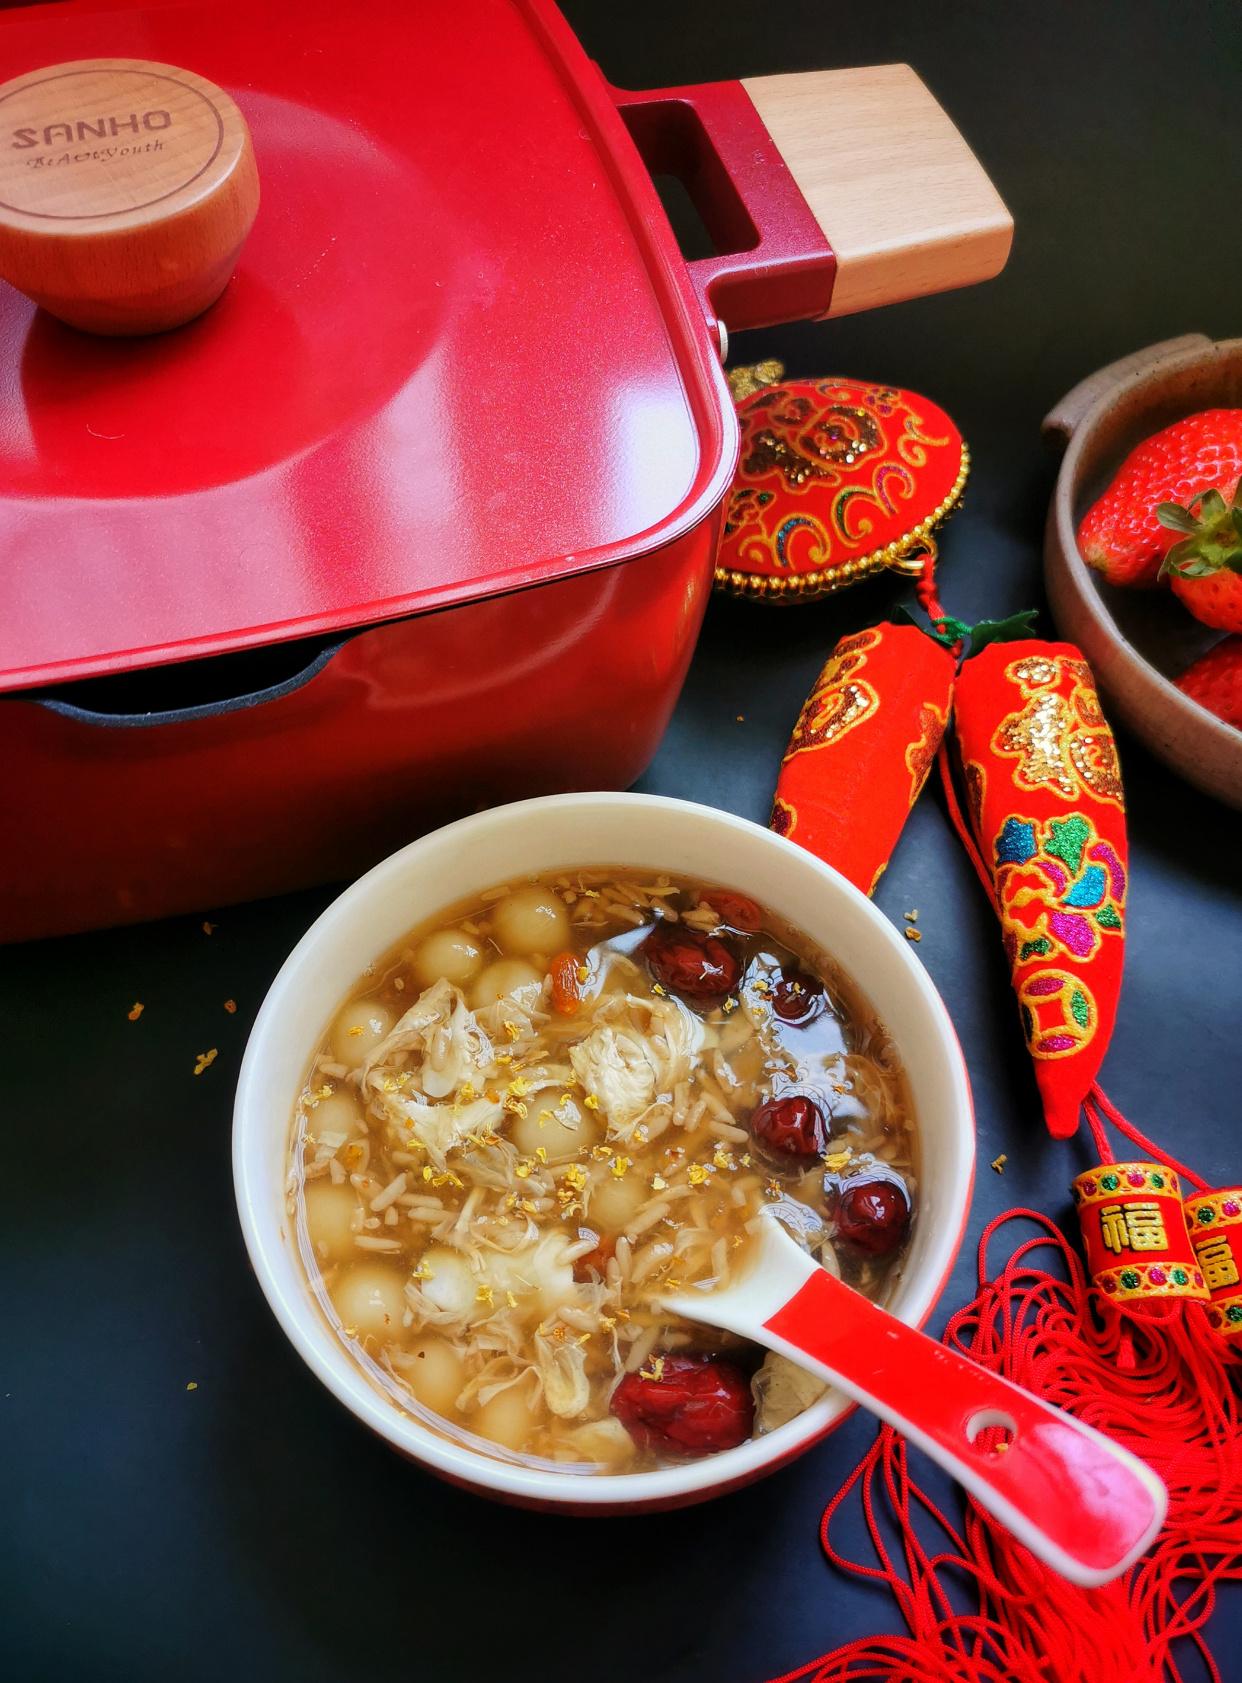 春節,雞湯骨頭湯都靠邊站,這碗甜湯對脾胃好,成本只有5塊錢